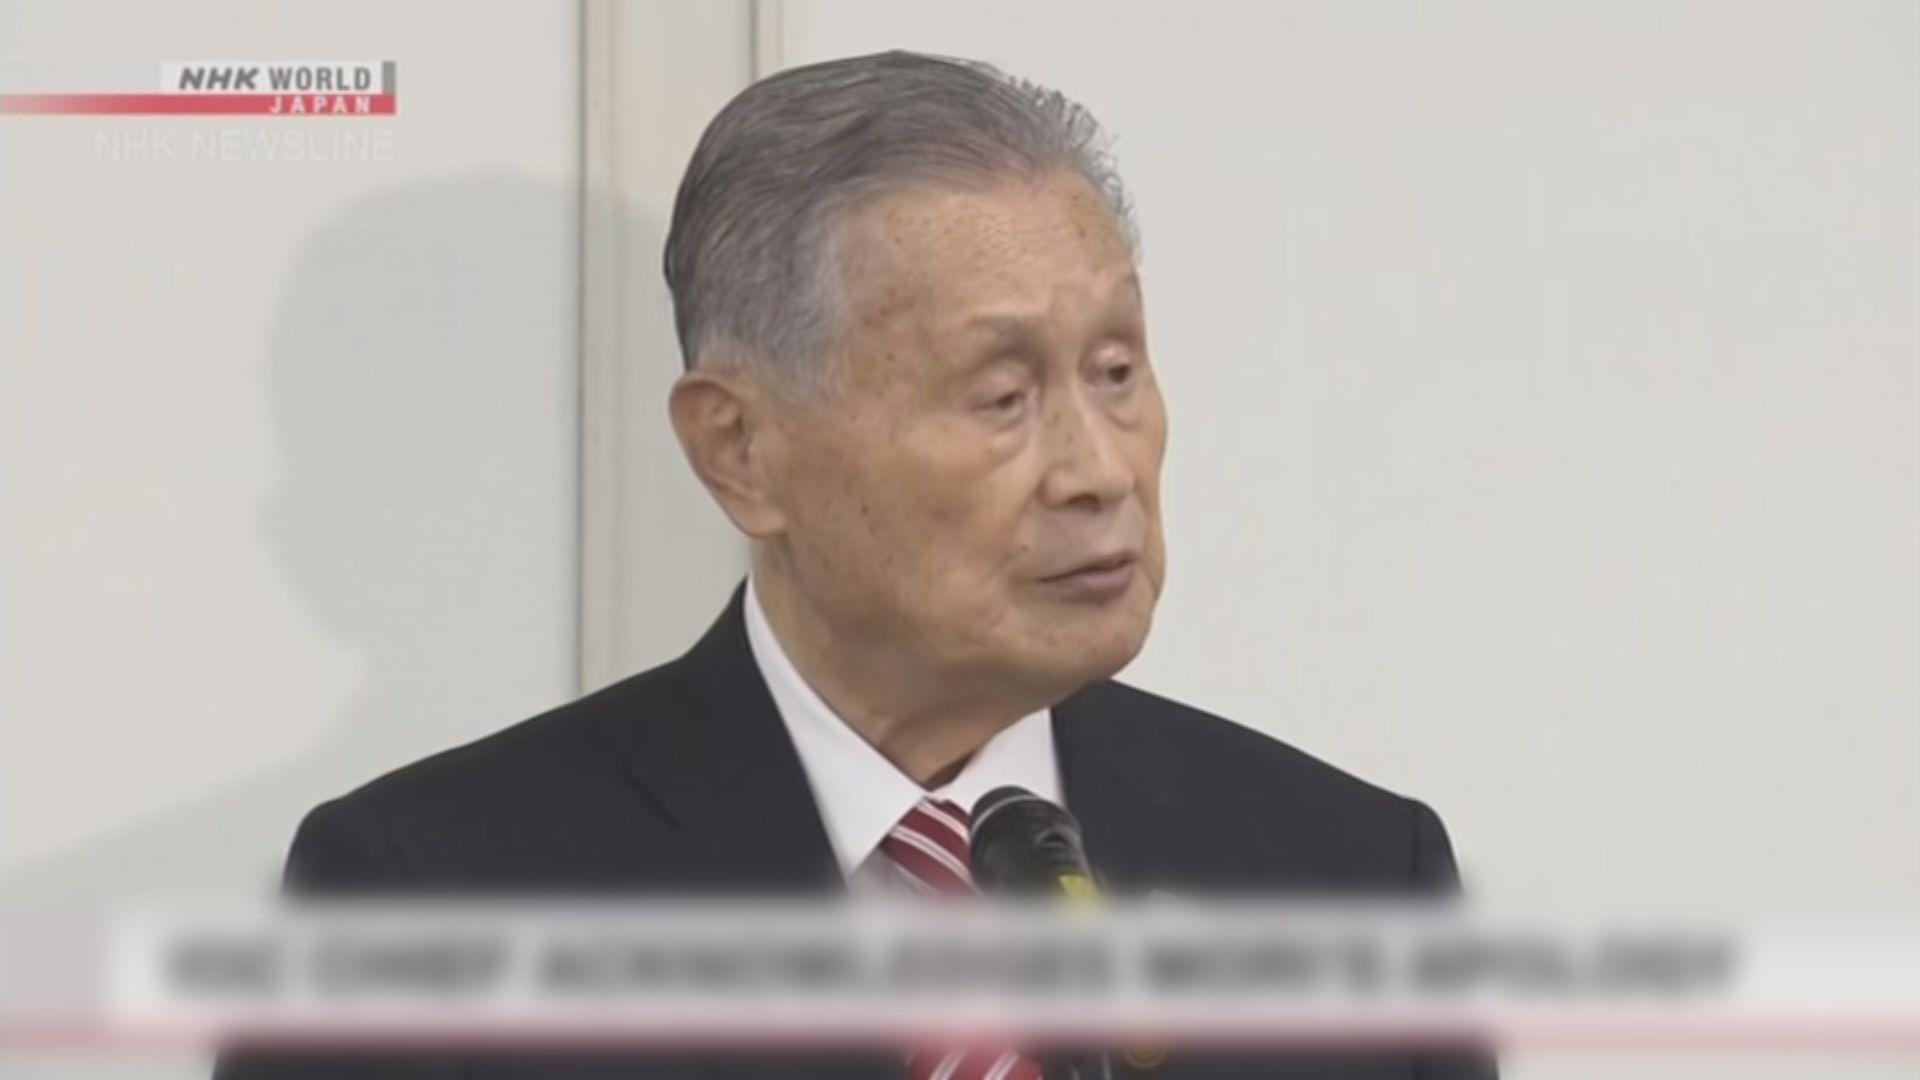 東京奧組委主席森喜朗再就涉嫌性別歧視言論道歉